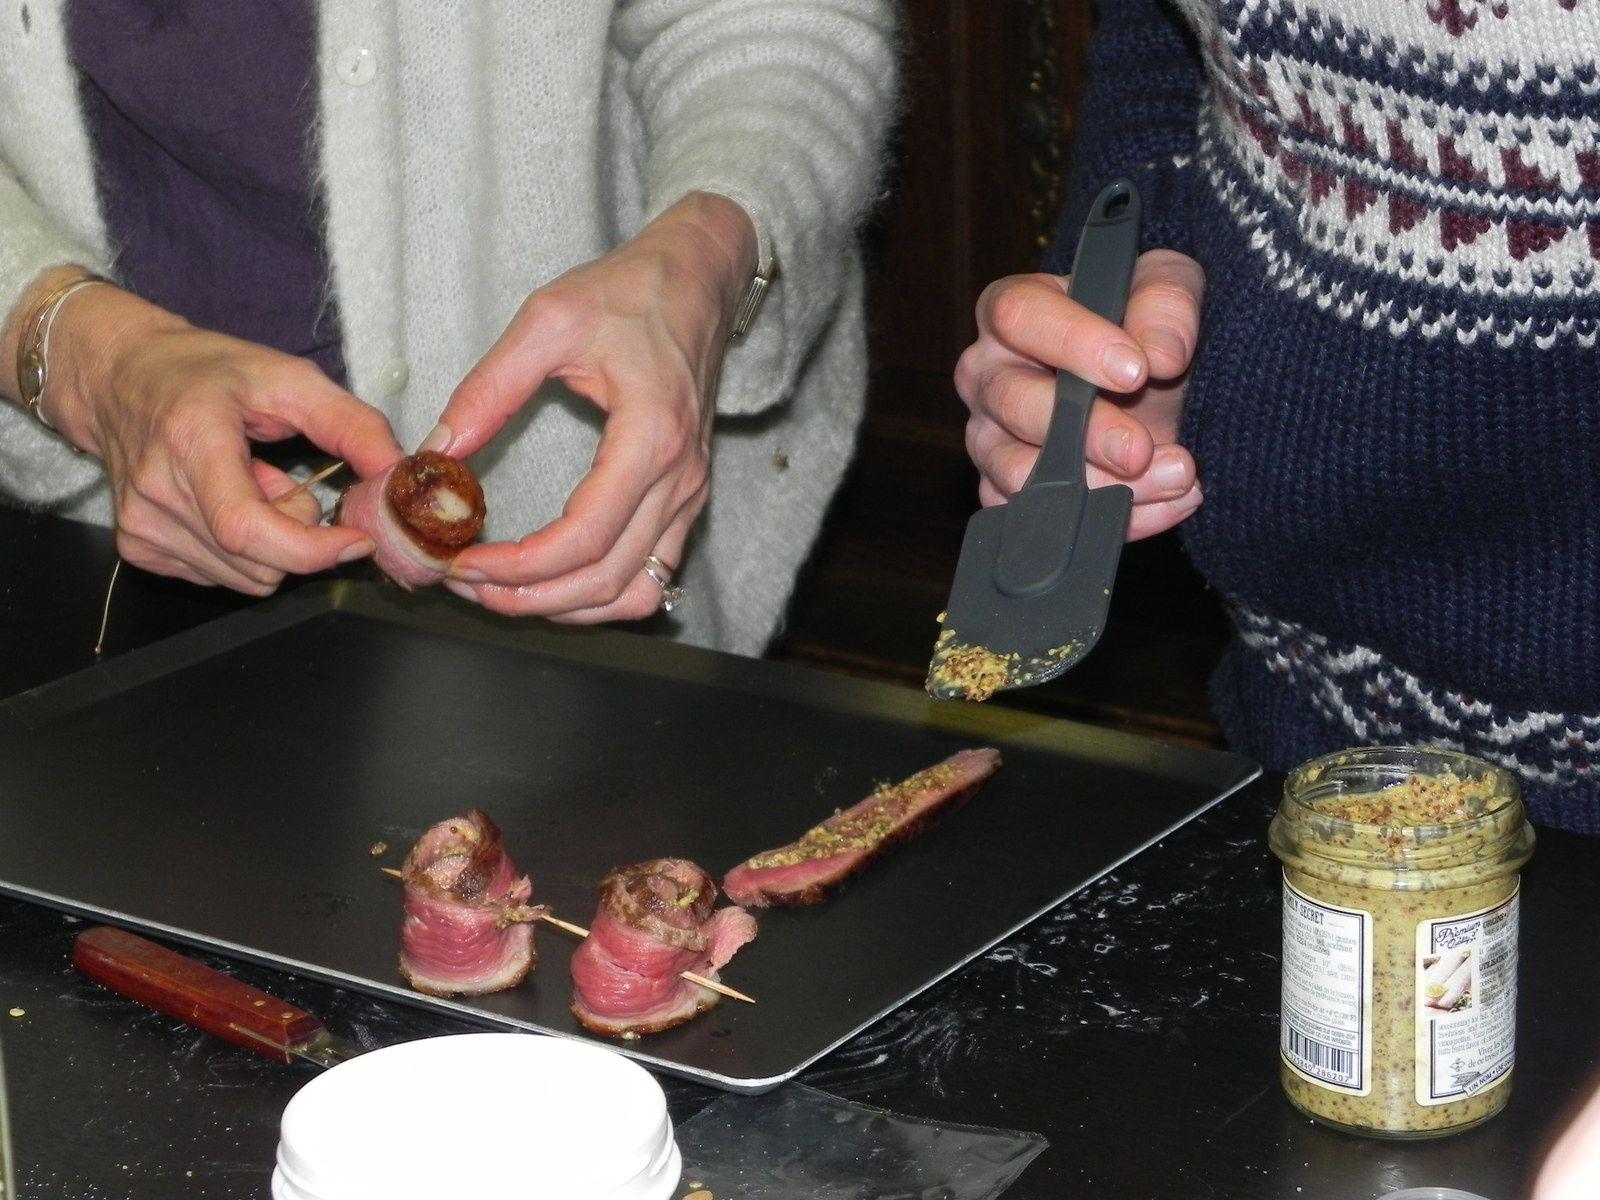 Badigeonner les lamelles de magretavec une moutarde